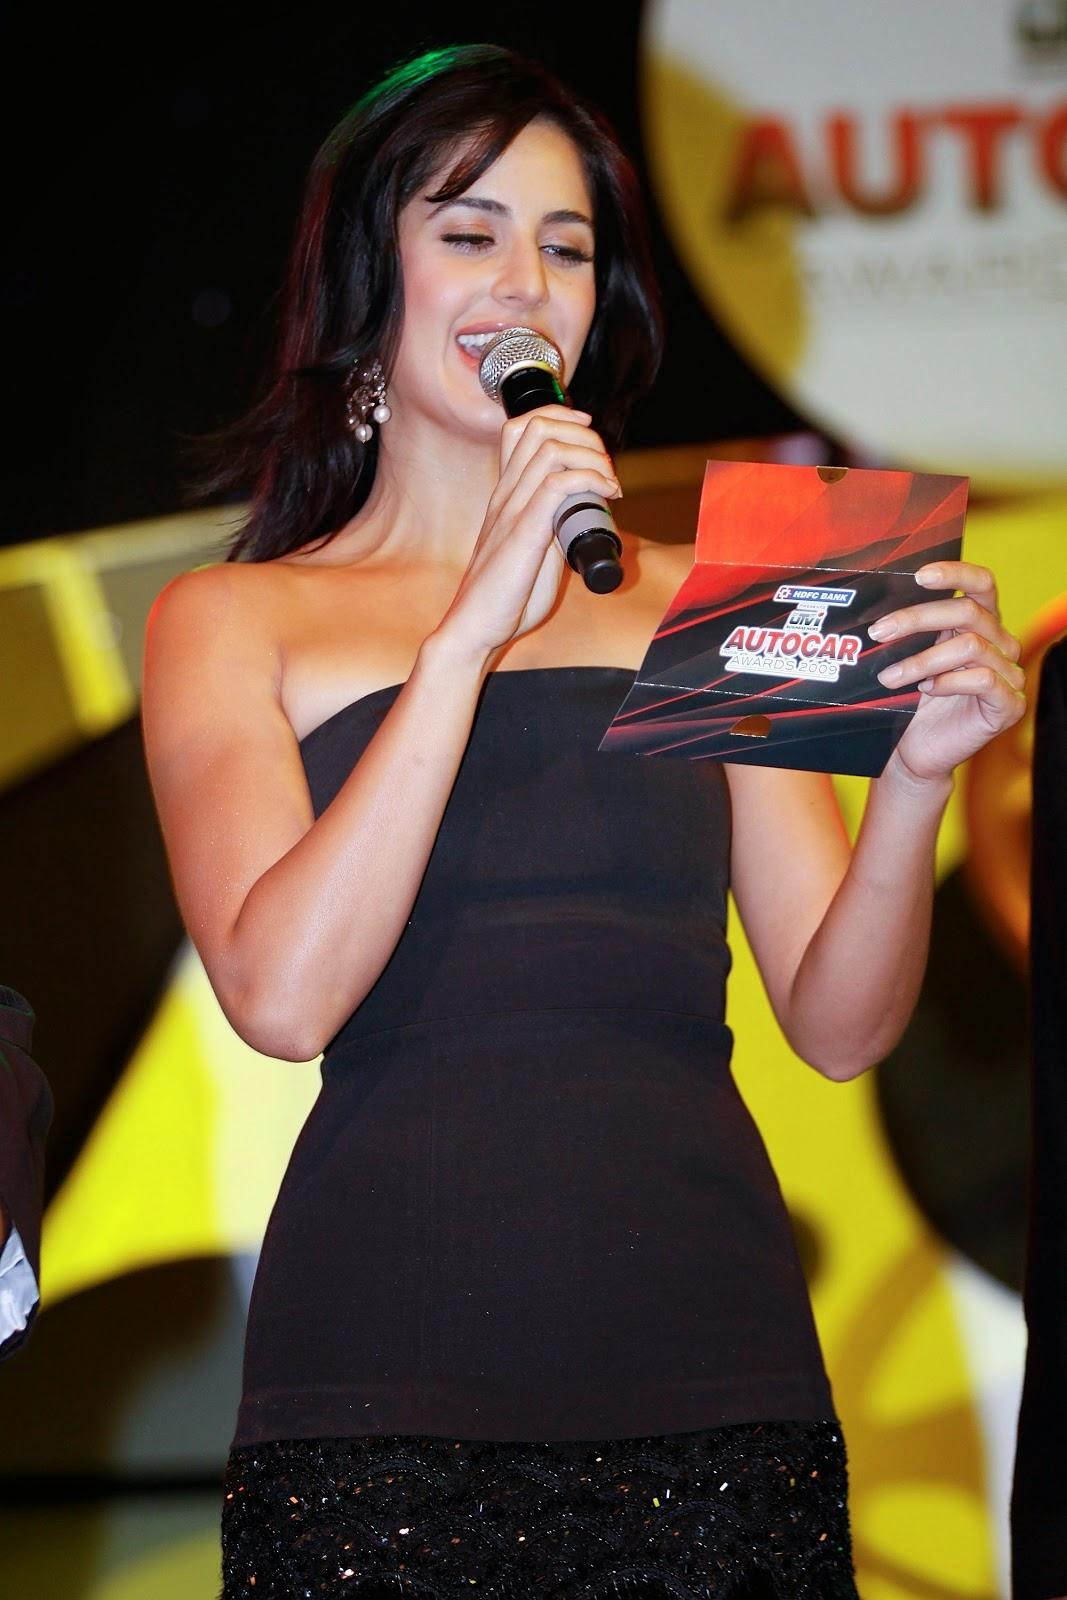 Katrina Kaif at Auto Car India Awards 2009